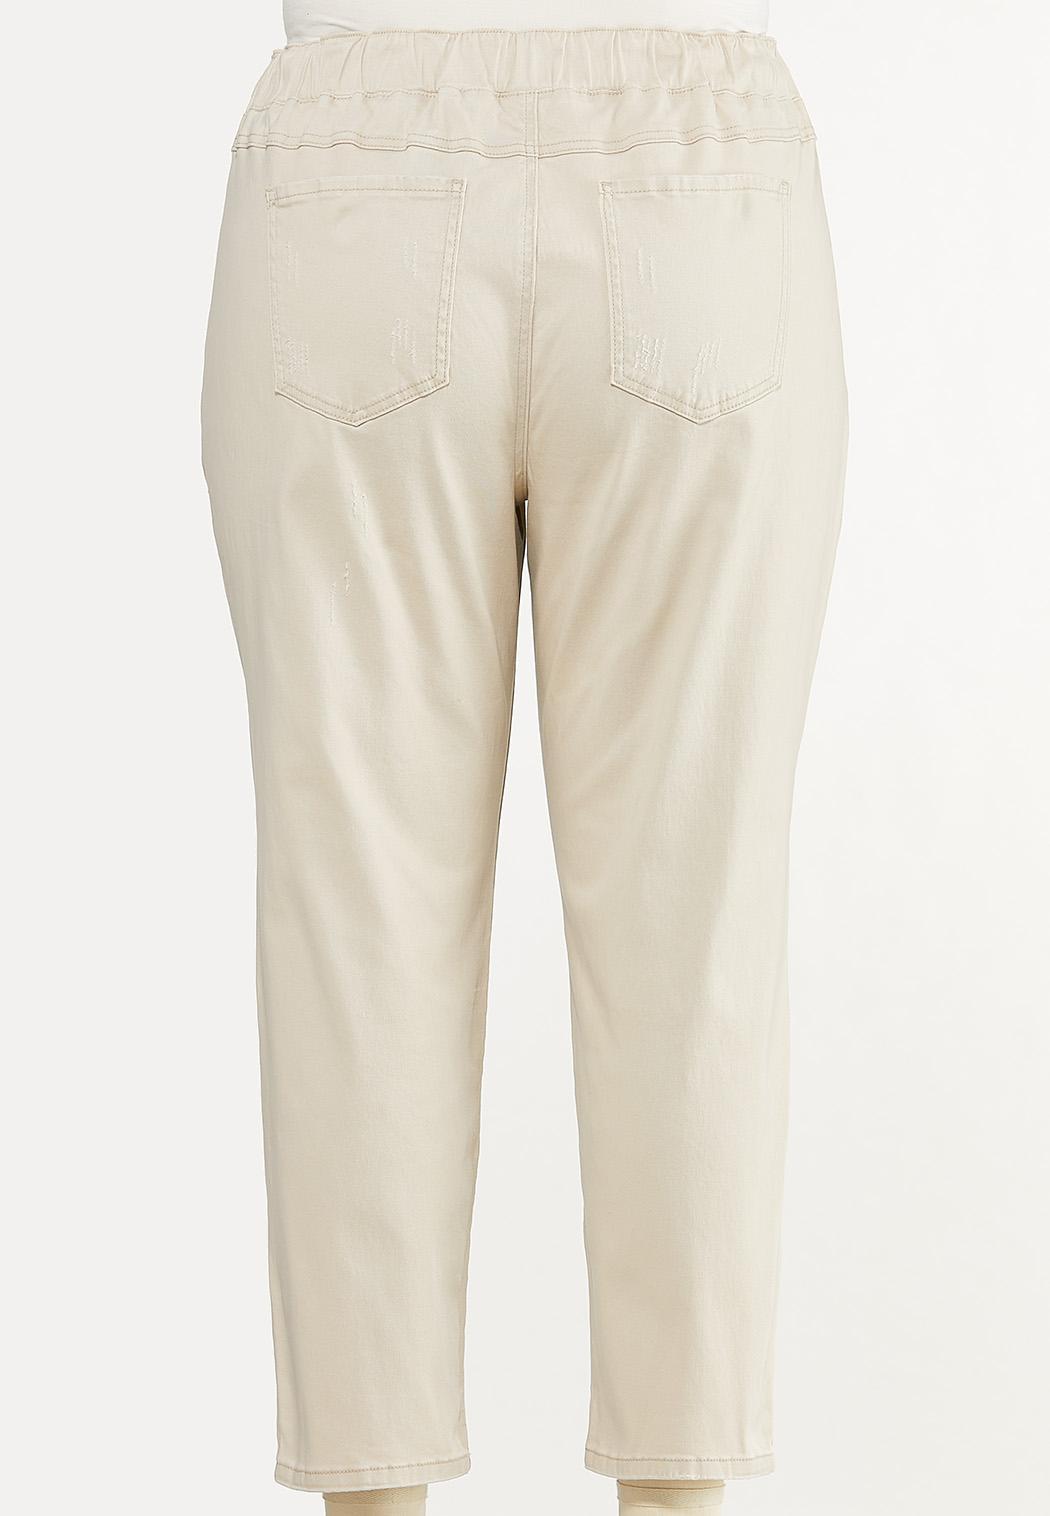 Plus Size Khaki Twill Pants (Item #44577032)